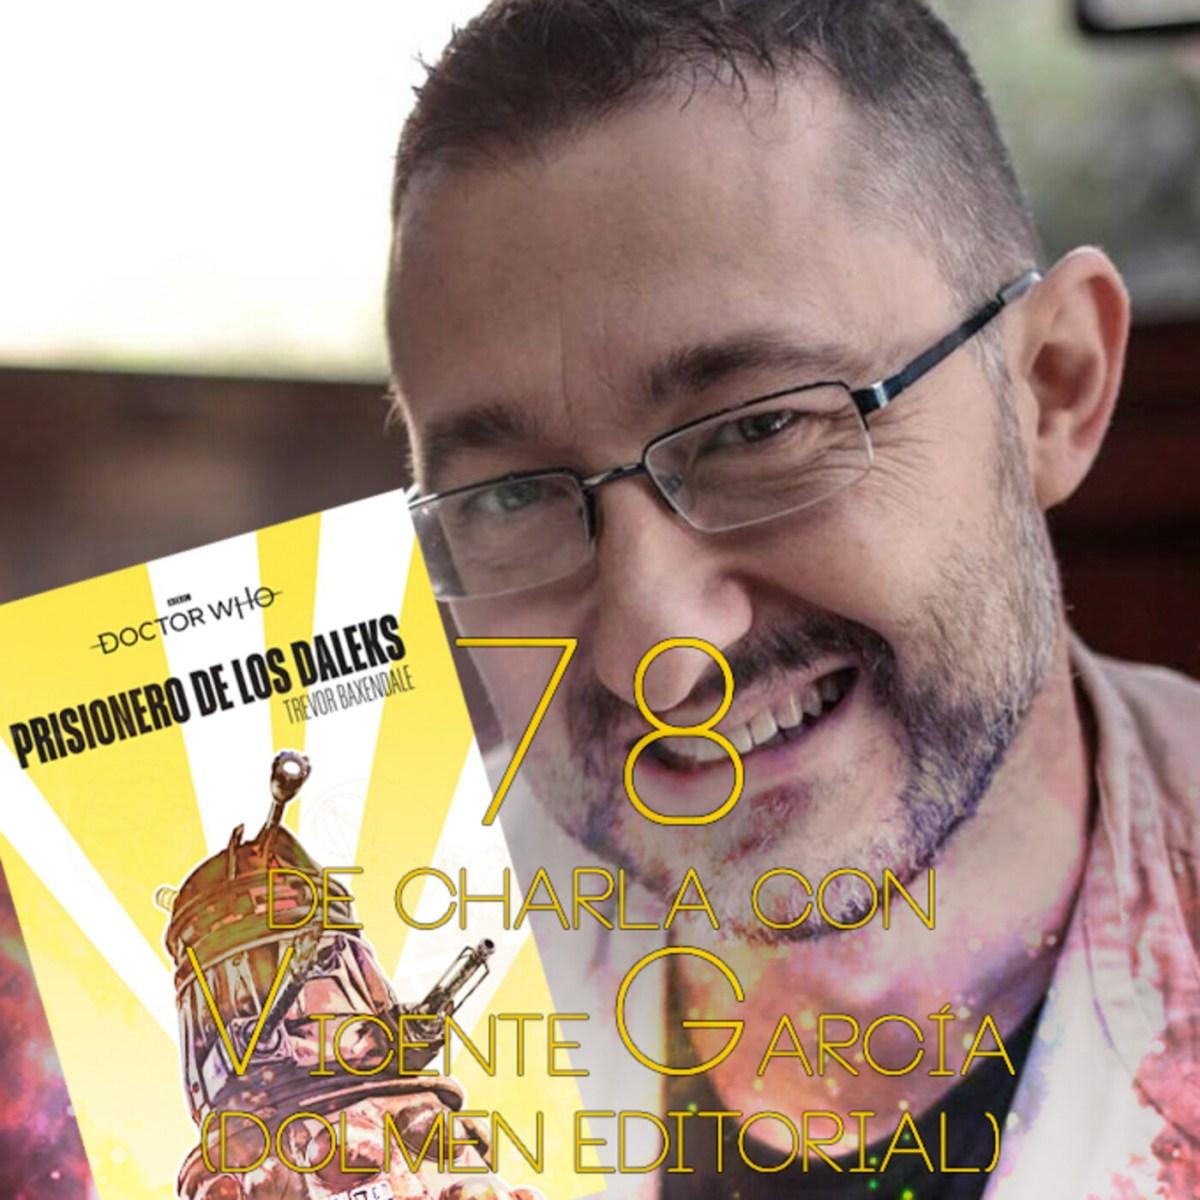 Charlas Whovian 78: De charla con Vicente García (Dolmen Editorial)